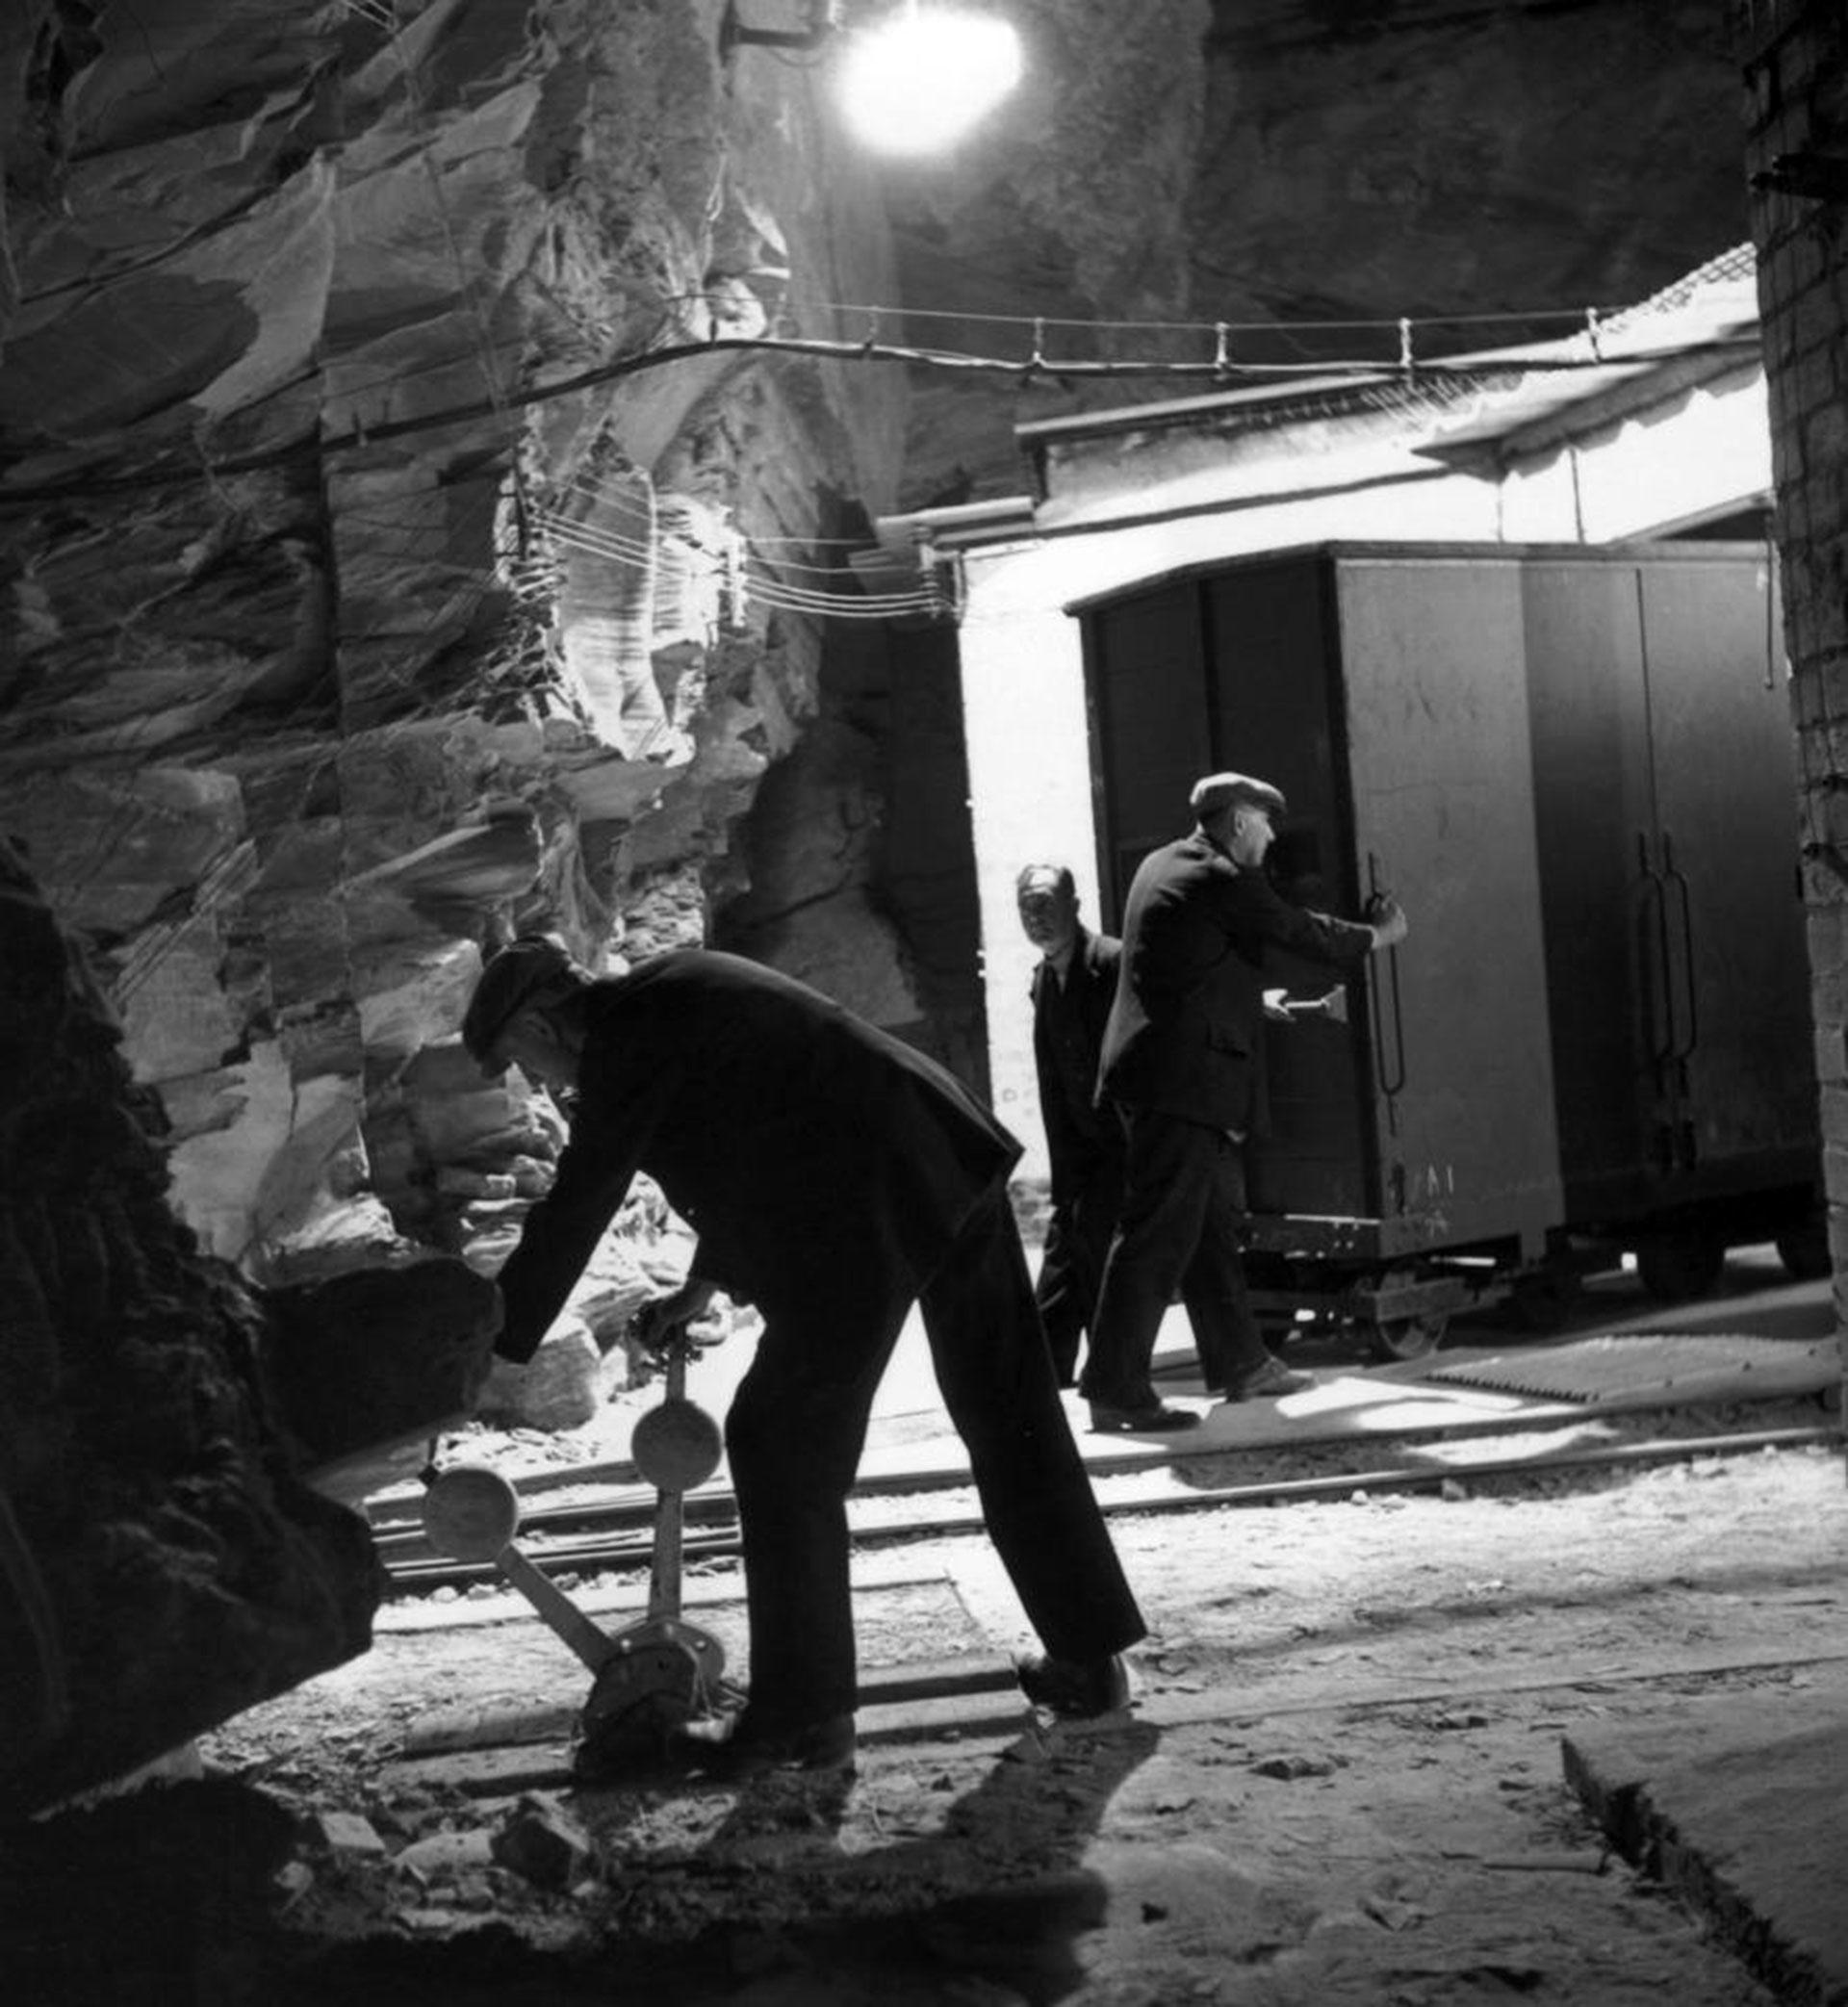 La entrada a una de las cámaras de conservación dentro de la mina